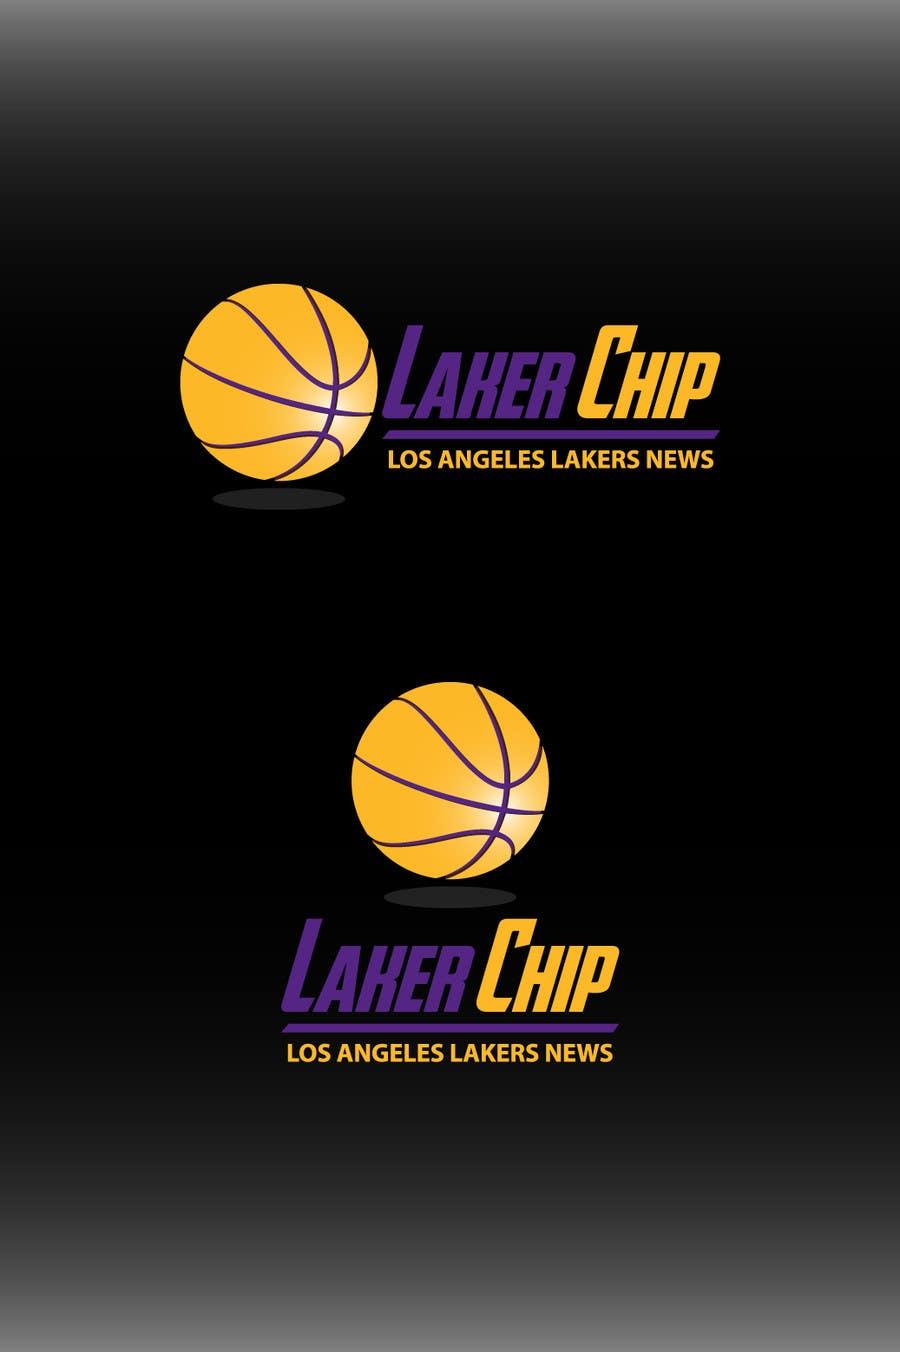 Inscrição nº 77 do Concurso para Design a Logo for Laker Chip